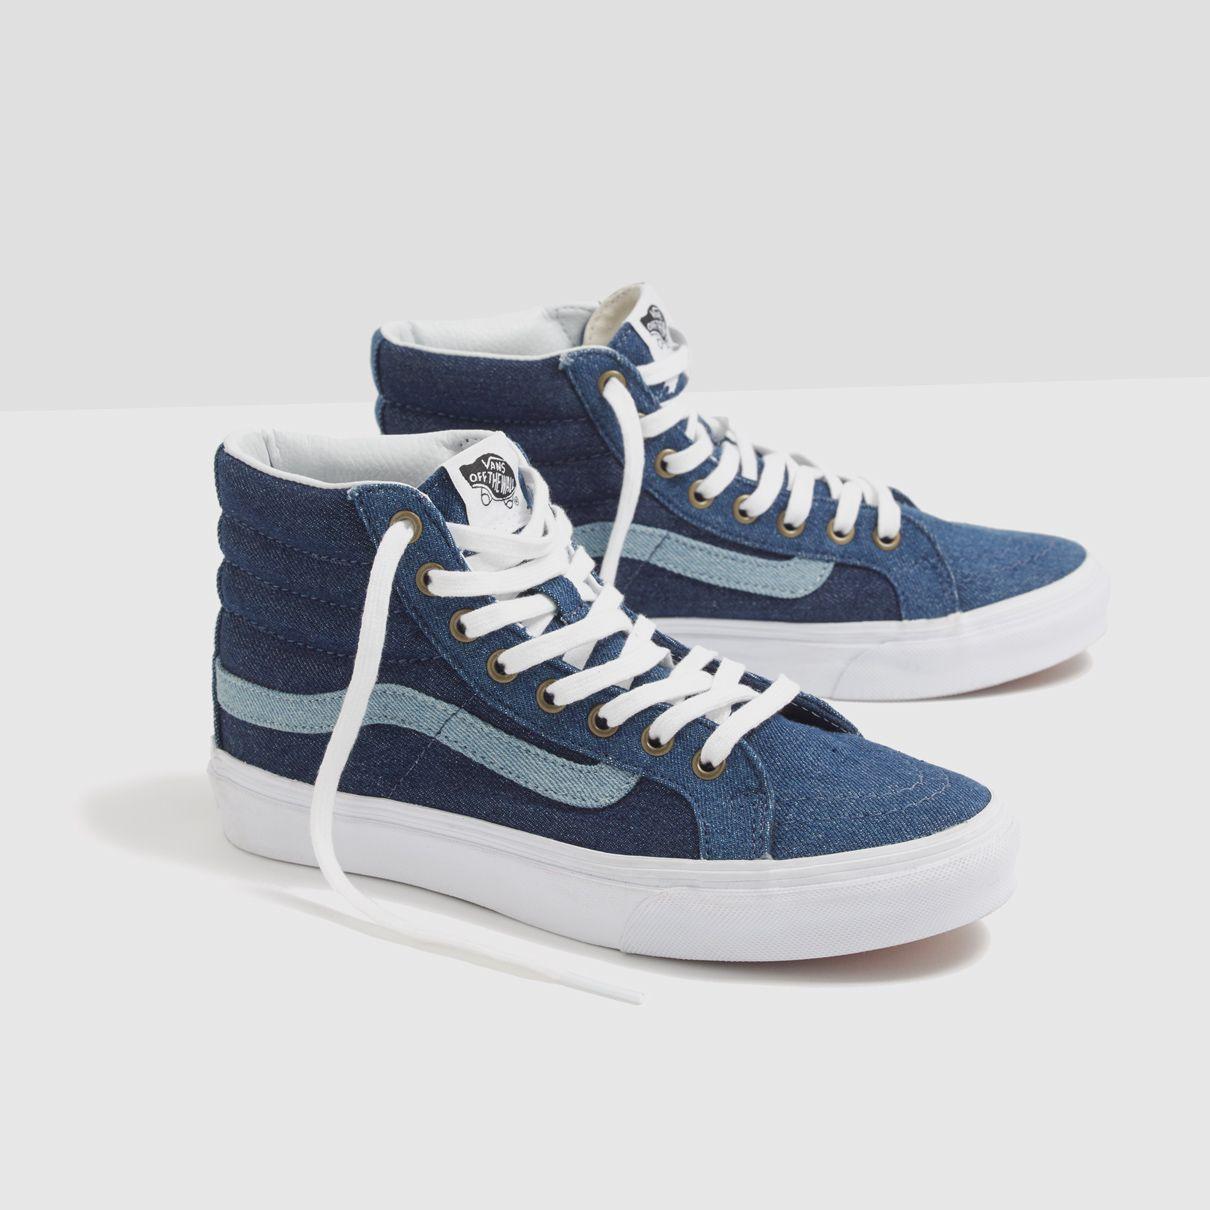 Madewell x Vans® Sk8-Hi Slim High-Top Sneakers in Denim